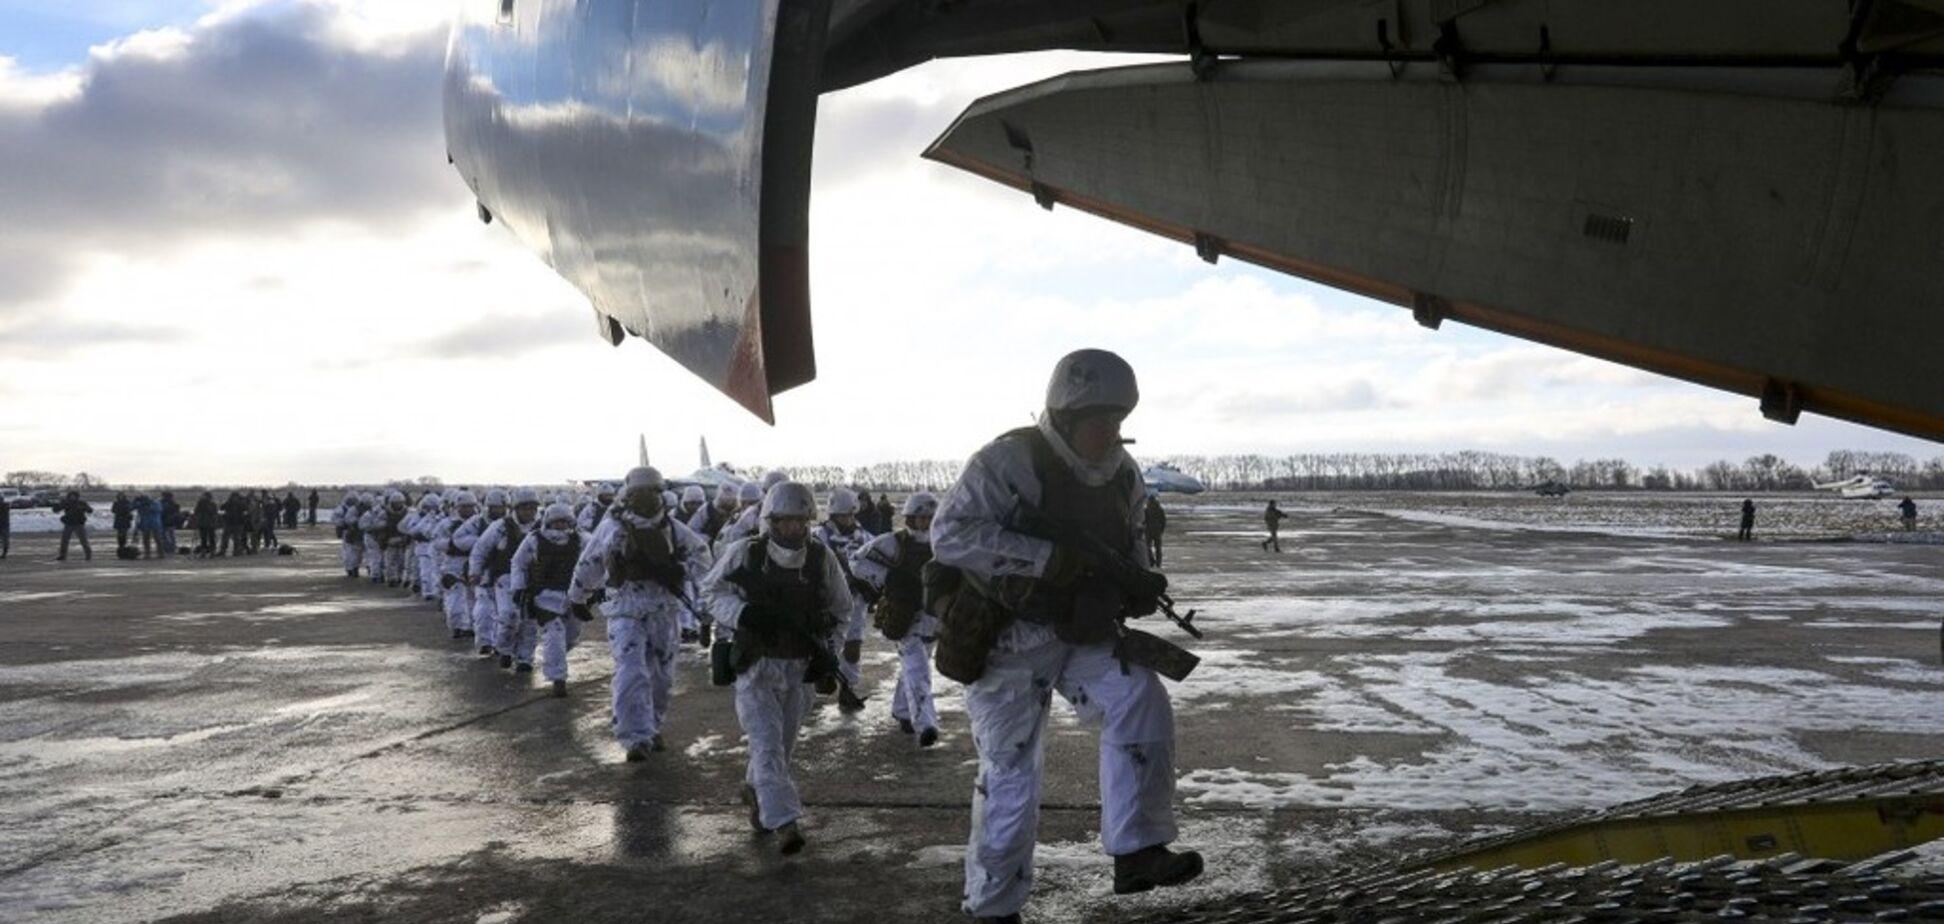 Україна терміново направила штурмові підрозділи на кордон із Росією